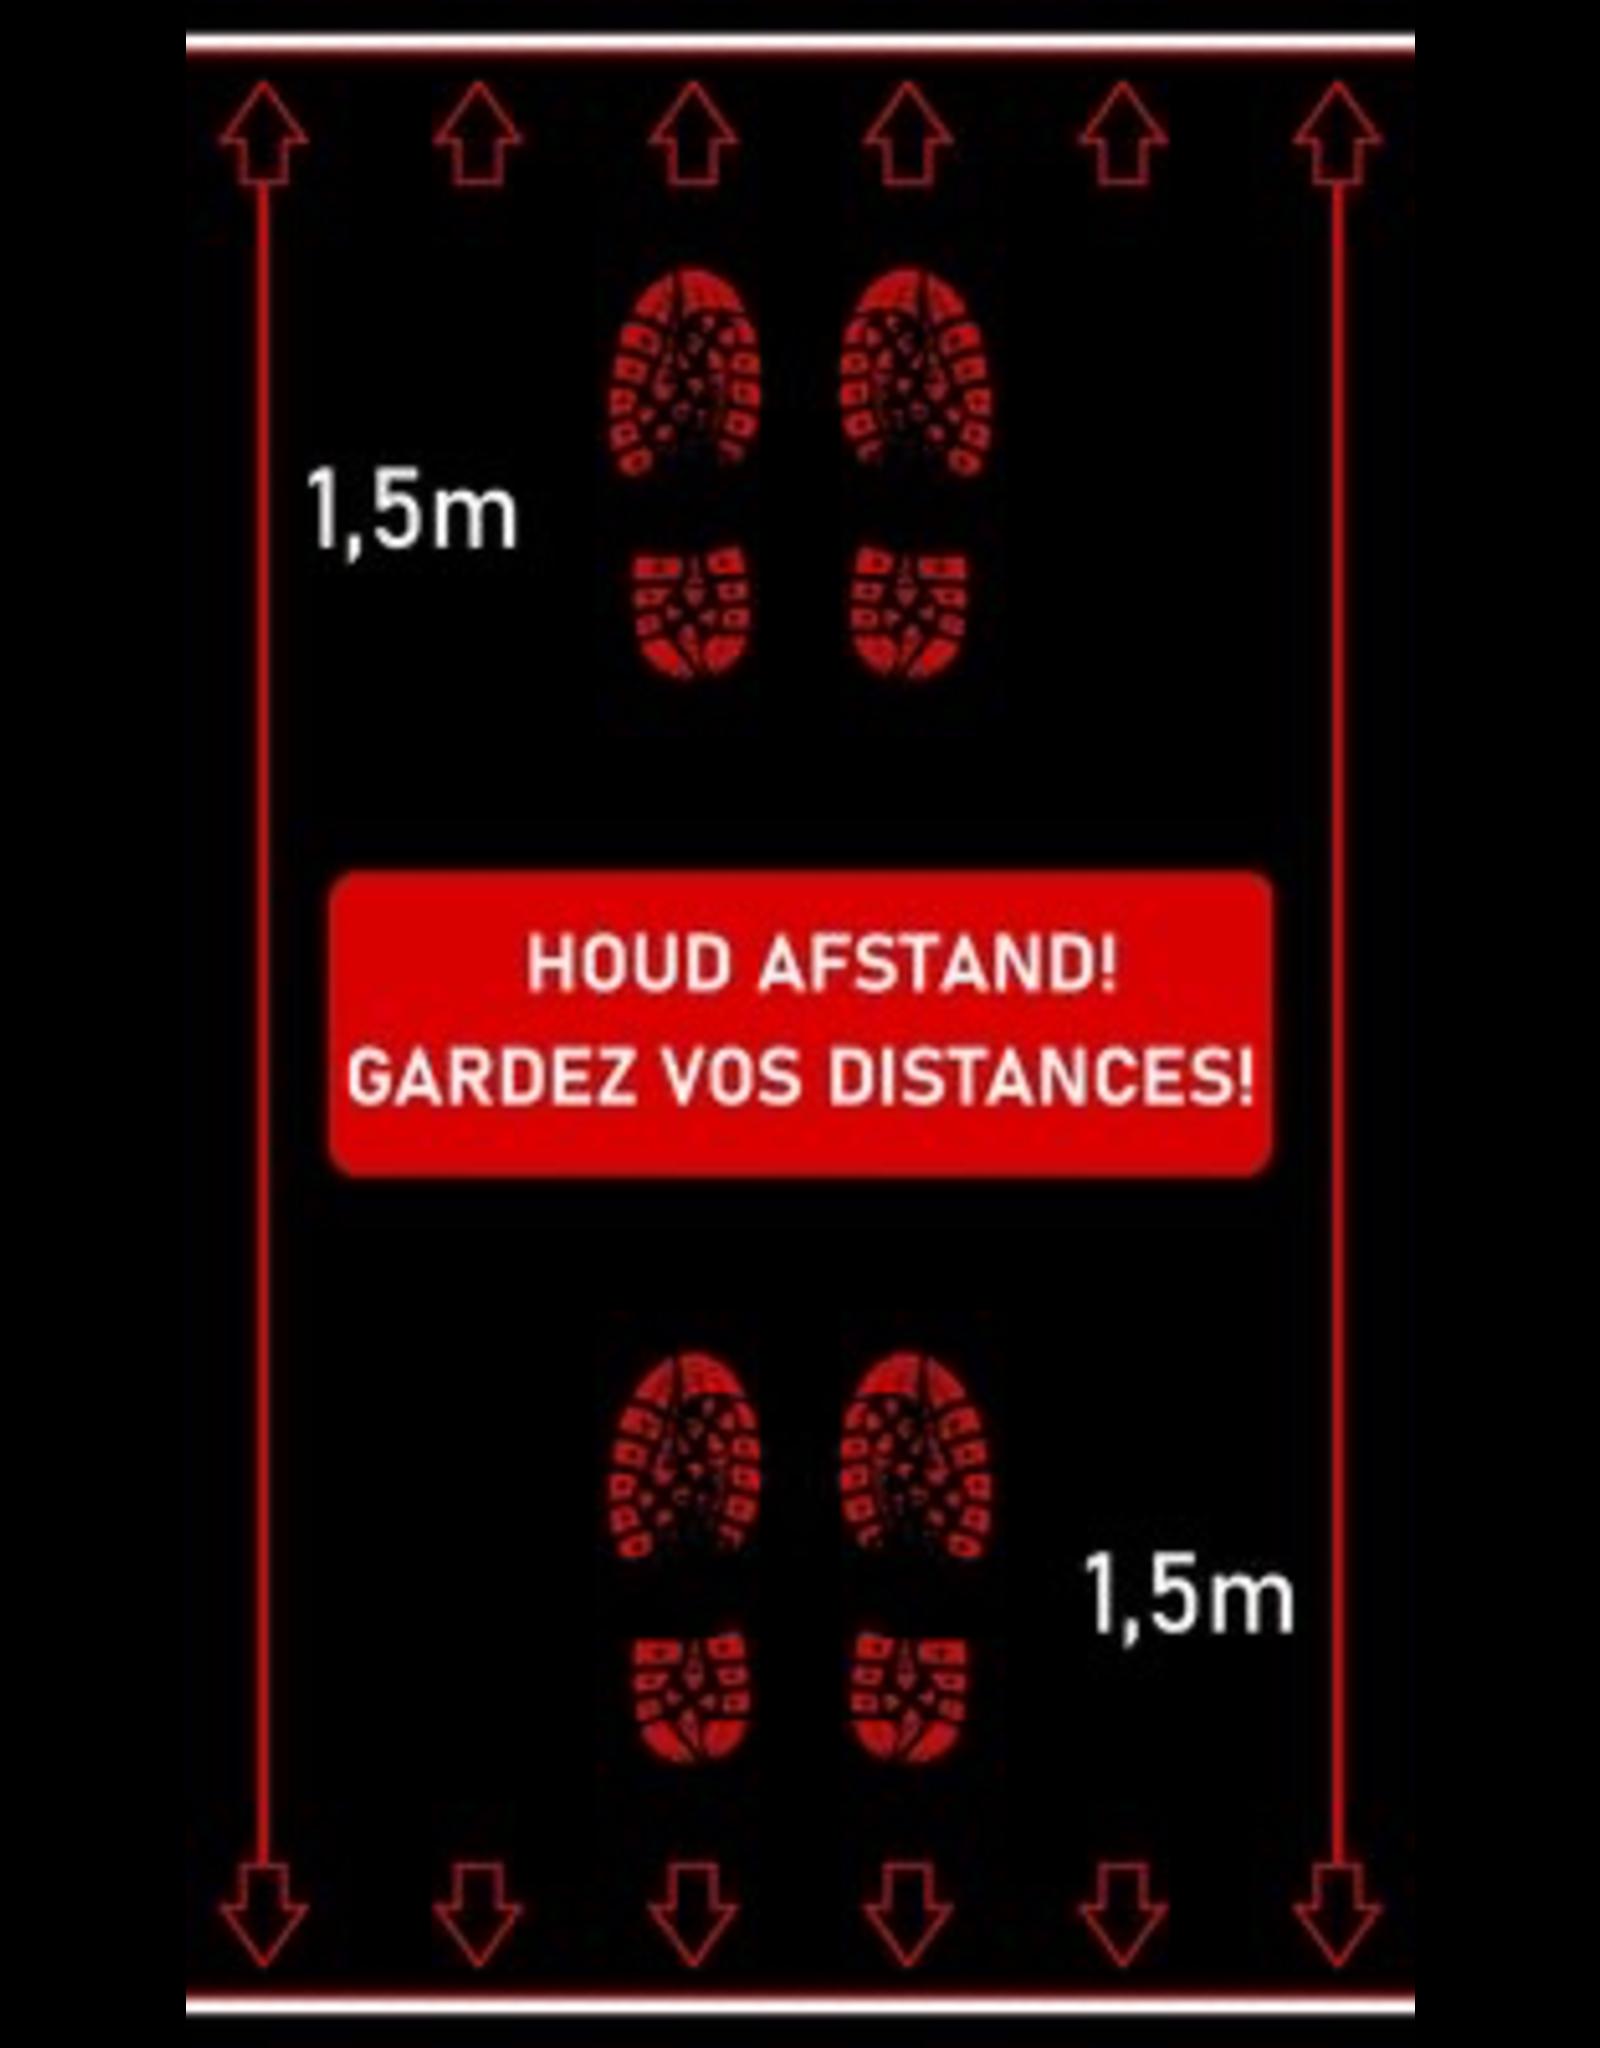 Kreisy Afstandstapijt - Houd afstand! - FEET 150 x 90 cm